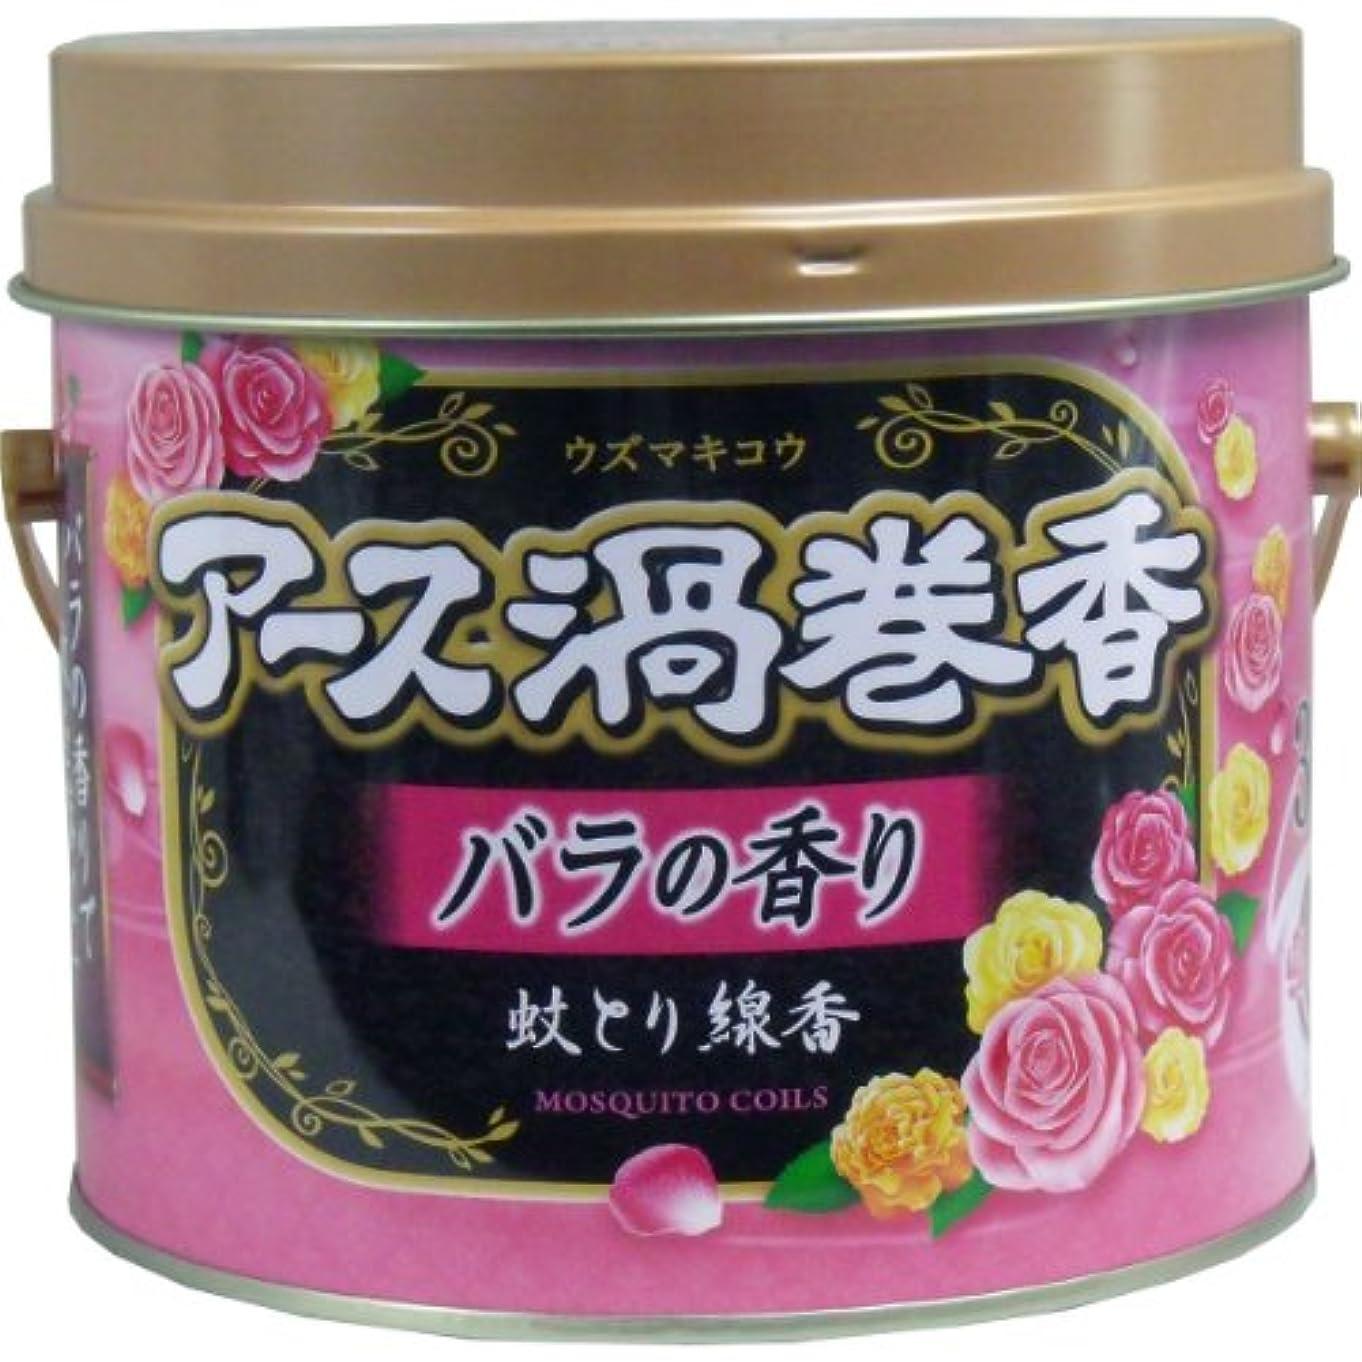 レンディションやむを得ない肥料アース渦巻香 蚊とり線香 バラの香り 30巻5個セット